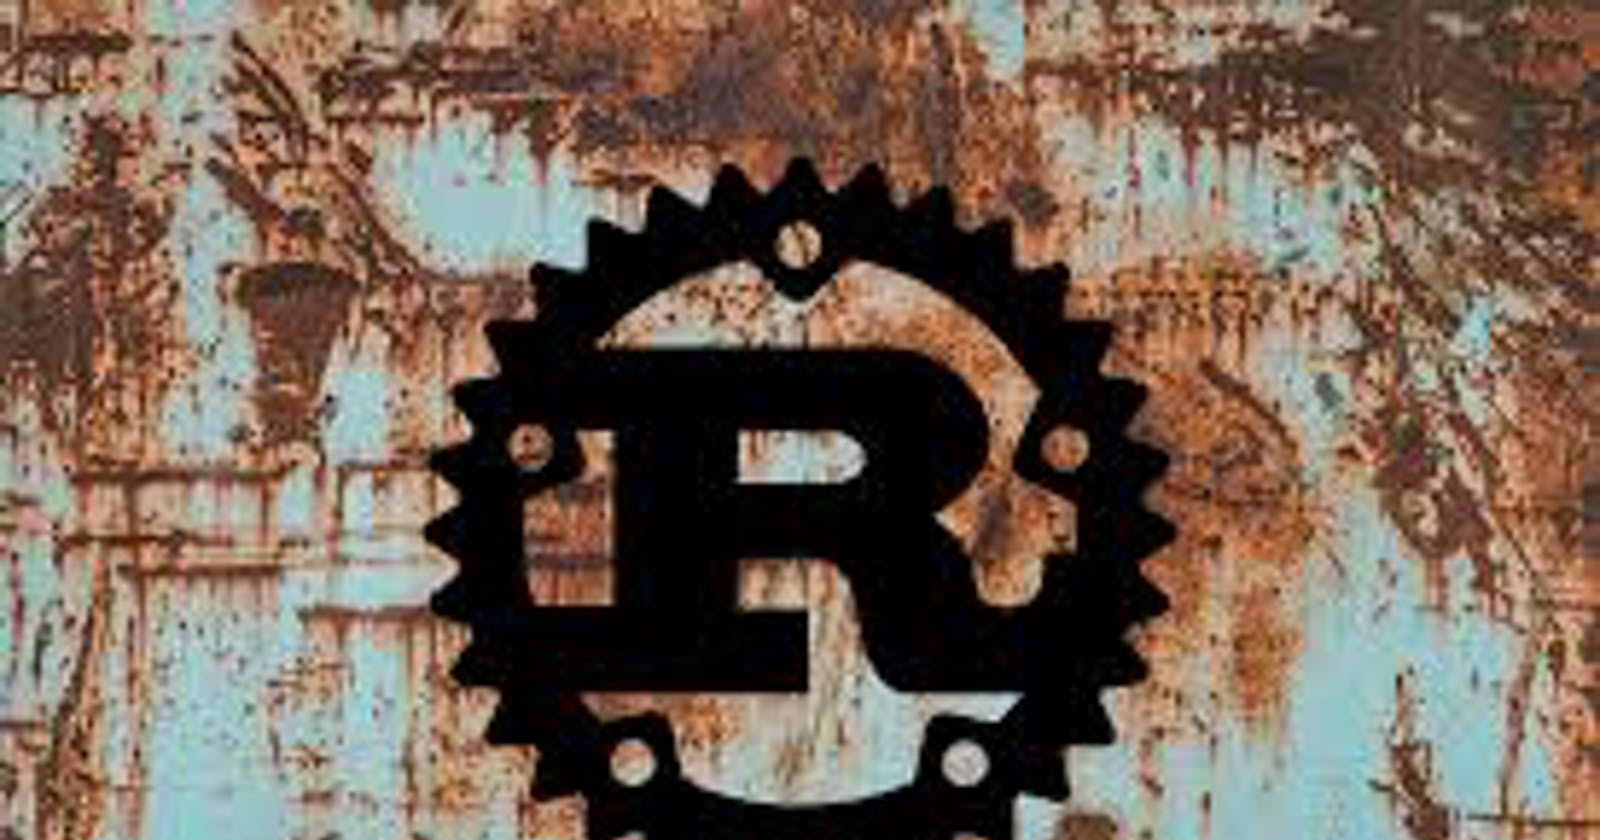 Parallel arrays in Rust